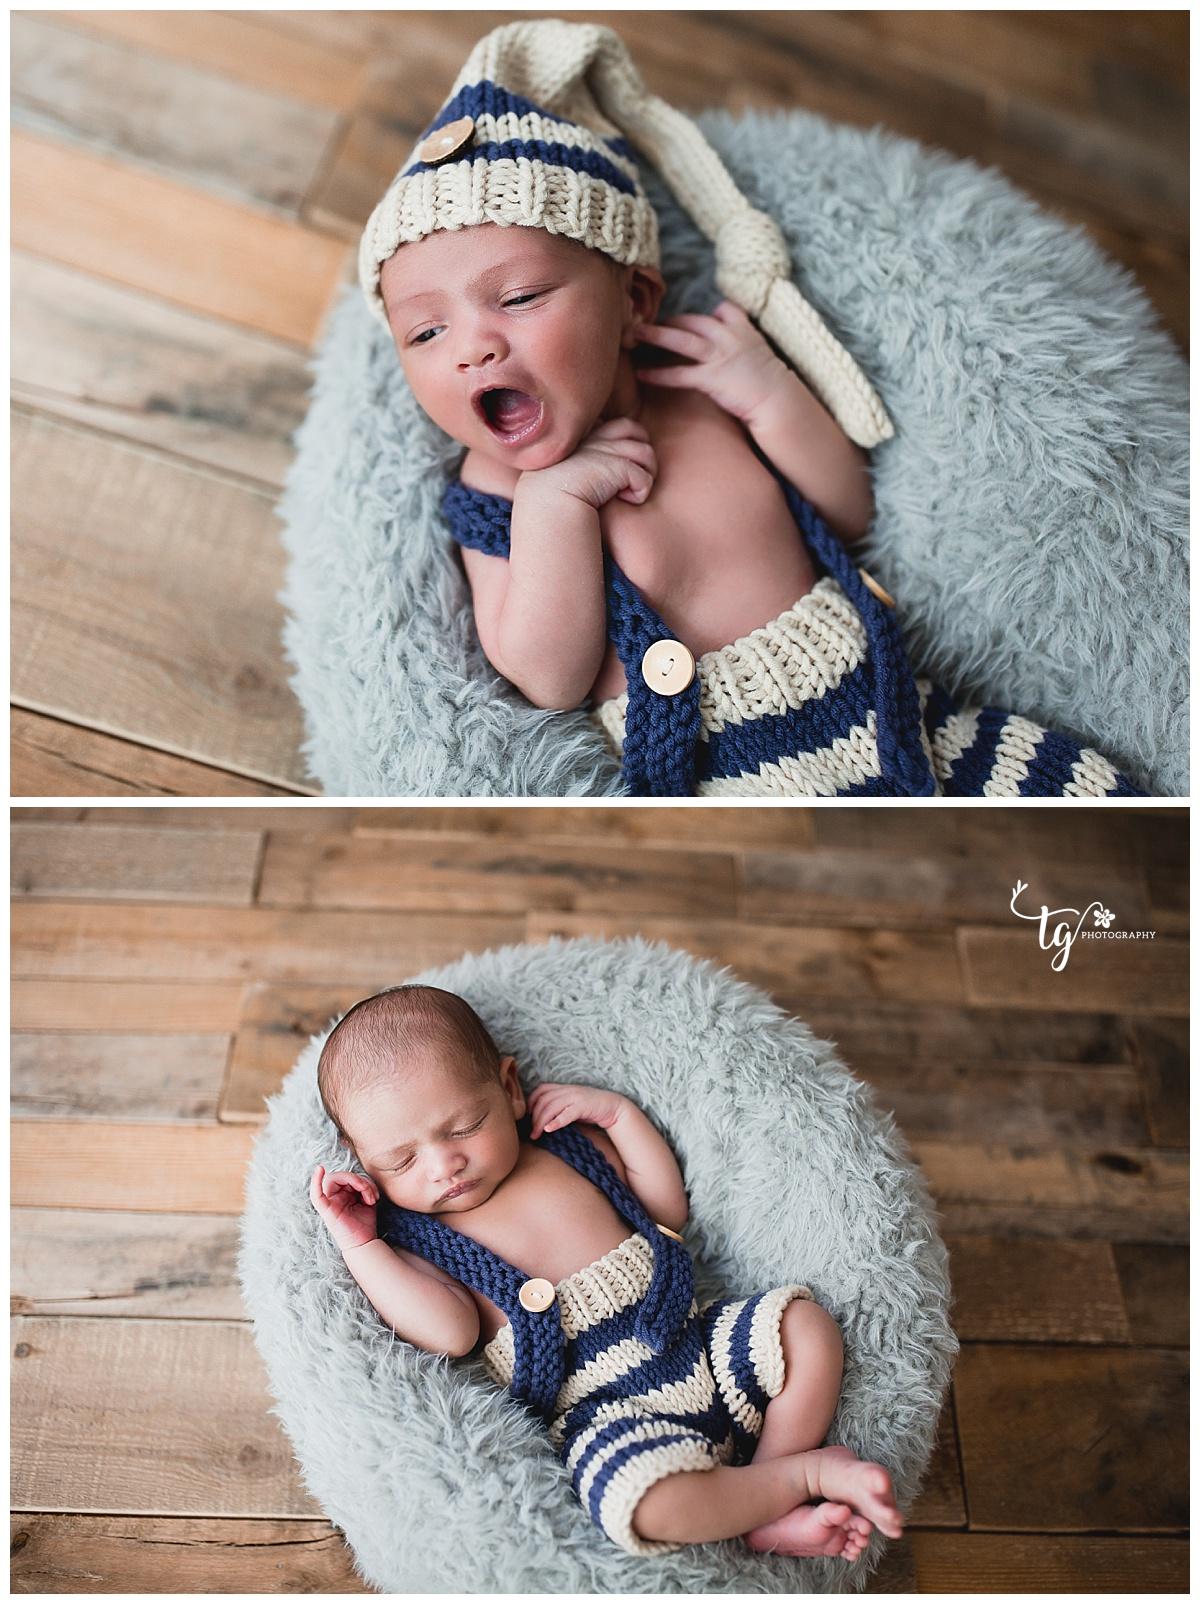 rustic newborn photos